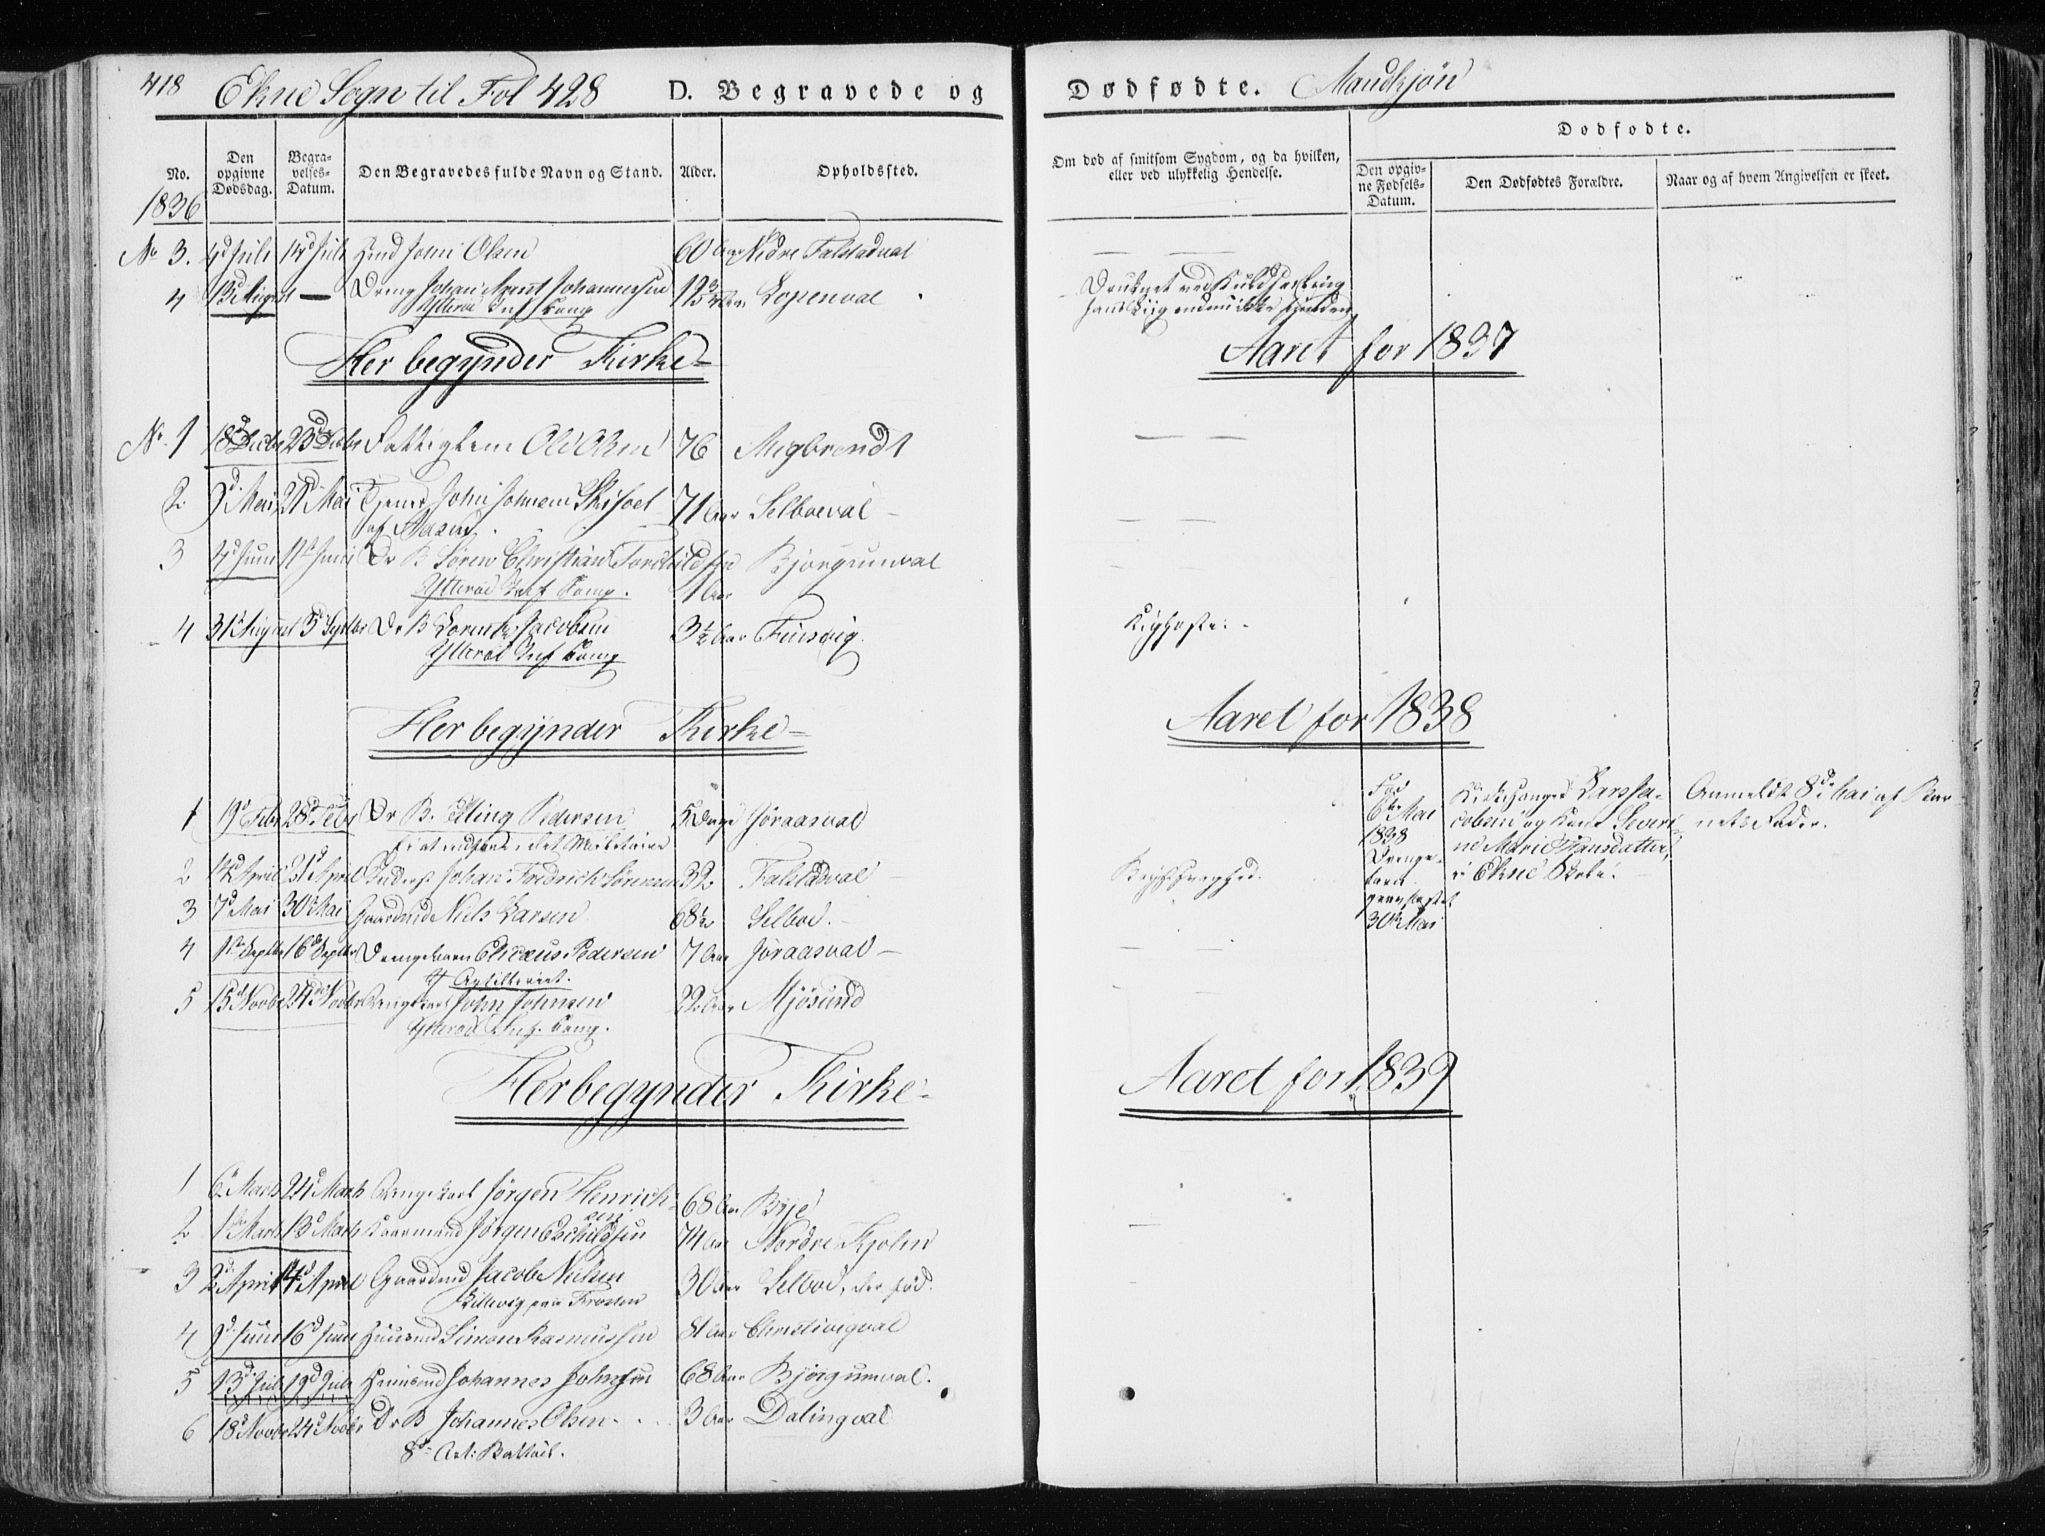 SAT, Ministerialprotokoller, klokkerbøker og fødselsregistre - Nord-Trøndelag, 717/L0154: Ministerialbok nr. 717A06 /2, 1836-1849, s. 418